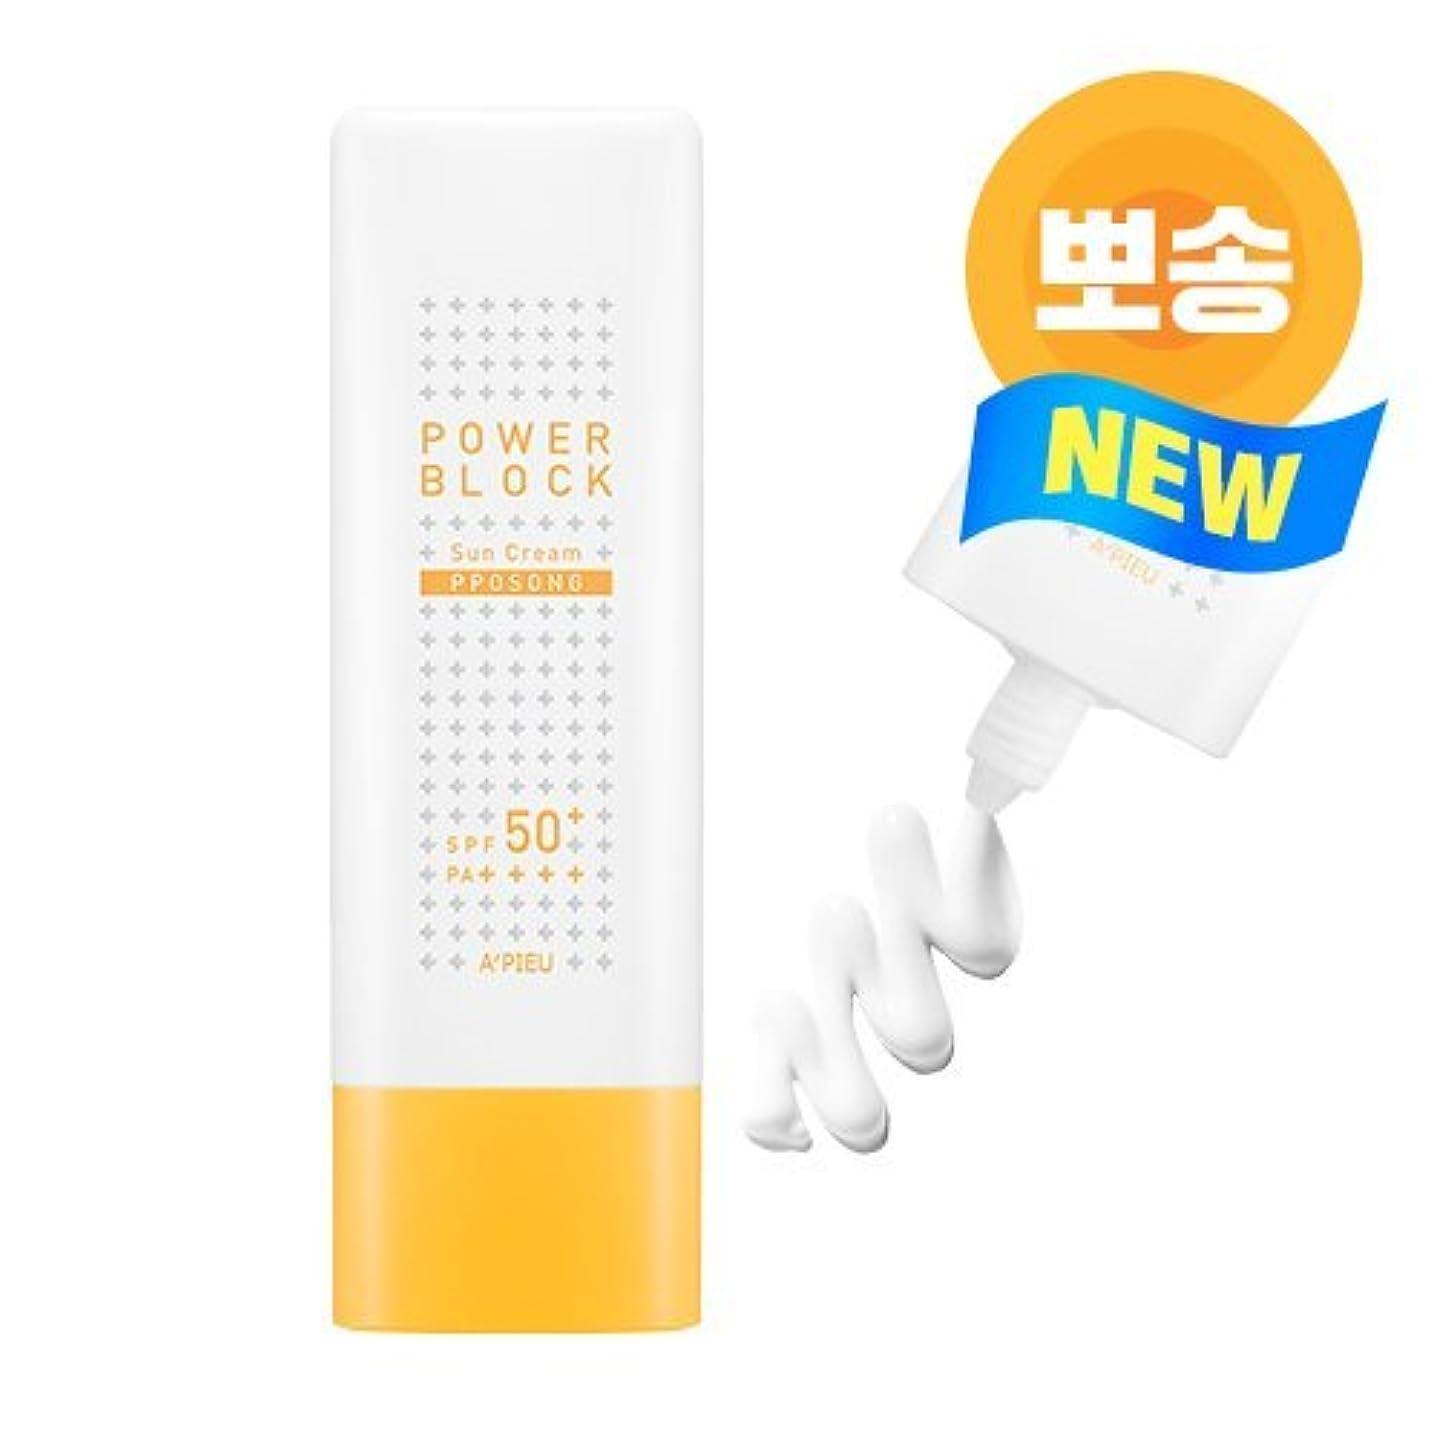 ナンセンスキャベツ避けるA'PIEU Power Block Sun Cream PPOSONG SPF50+ PA++++ [オピュ/アピュ] パワーブロックサラサラ日焼け止め [並行輸入品]